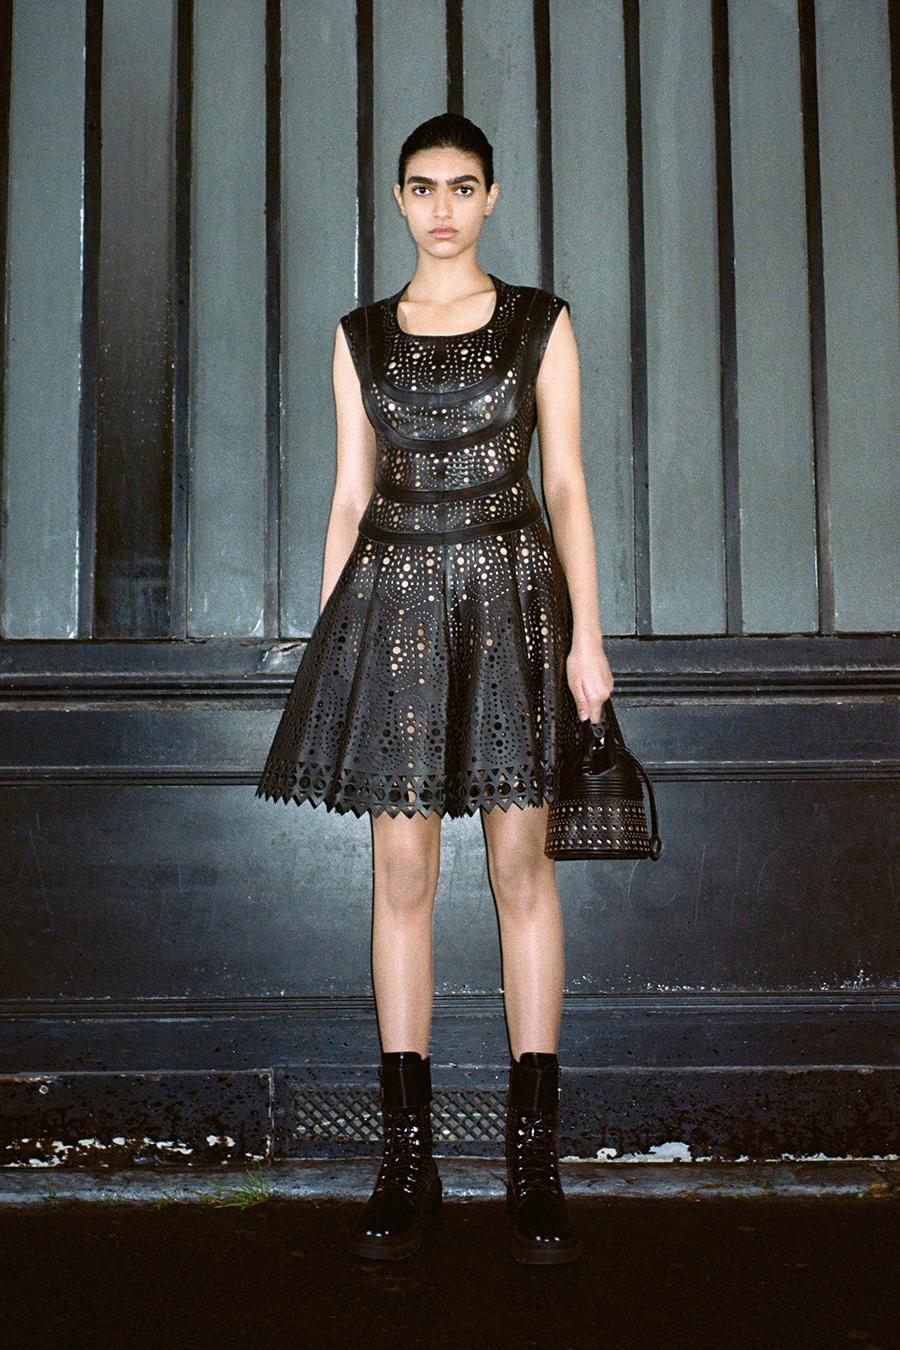 самые модные платья осень зима 2021 2022 кожаное черное с перфорацией